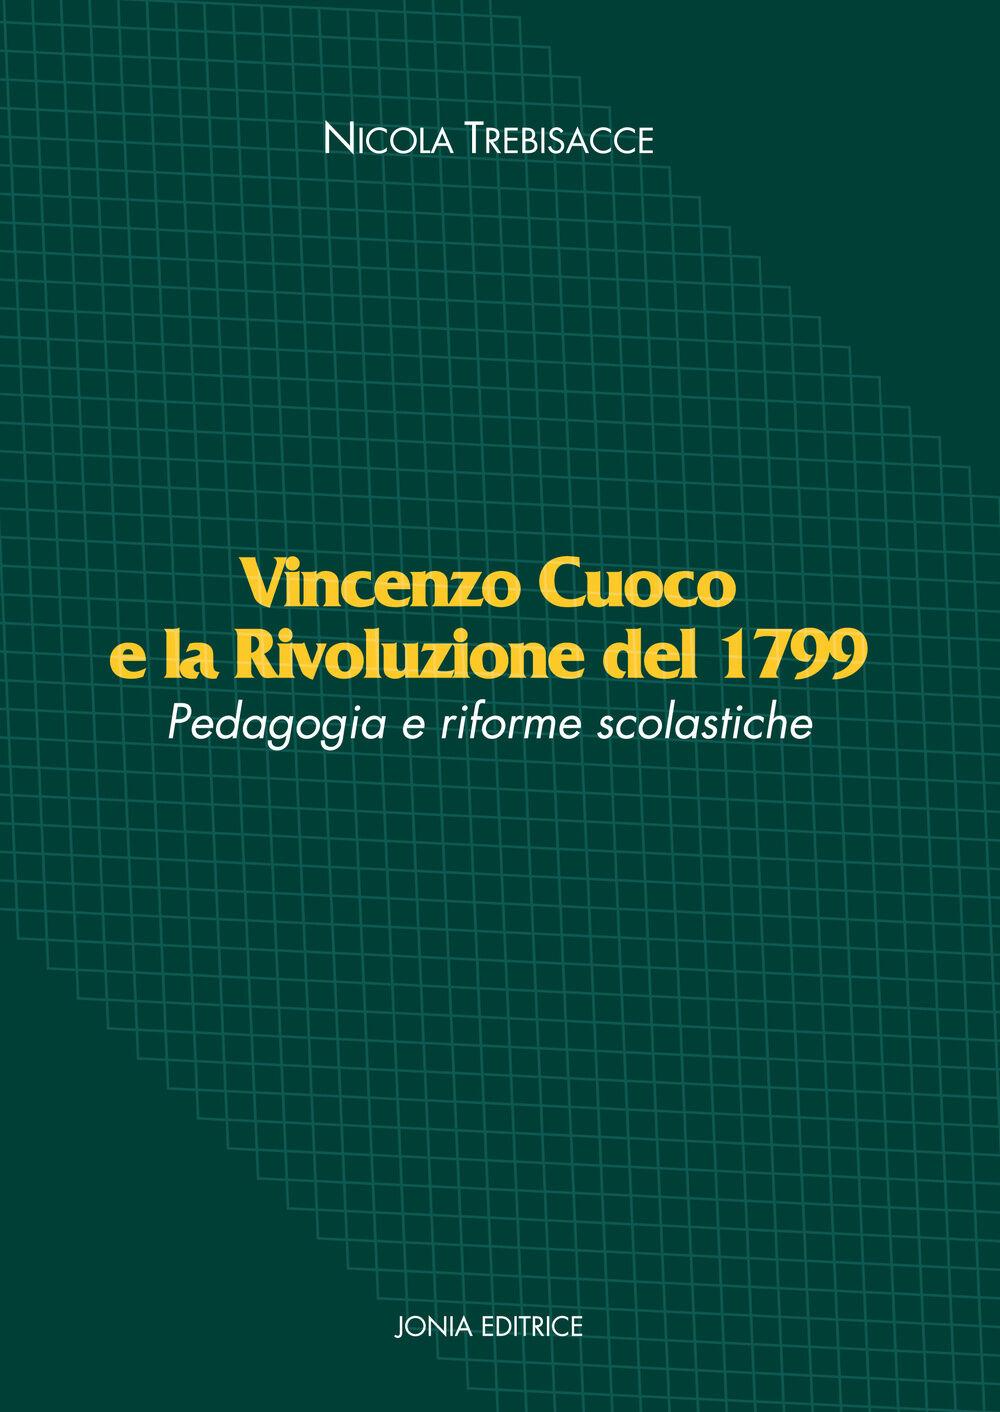 Vincenzo Cuoco e la Rivoluzione del 1799. Pedagogia e riforme scolastiche